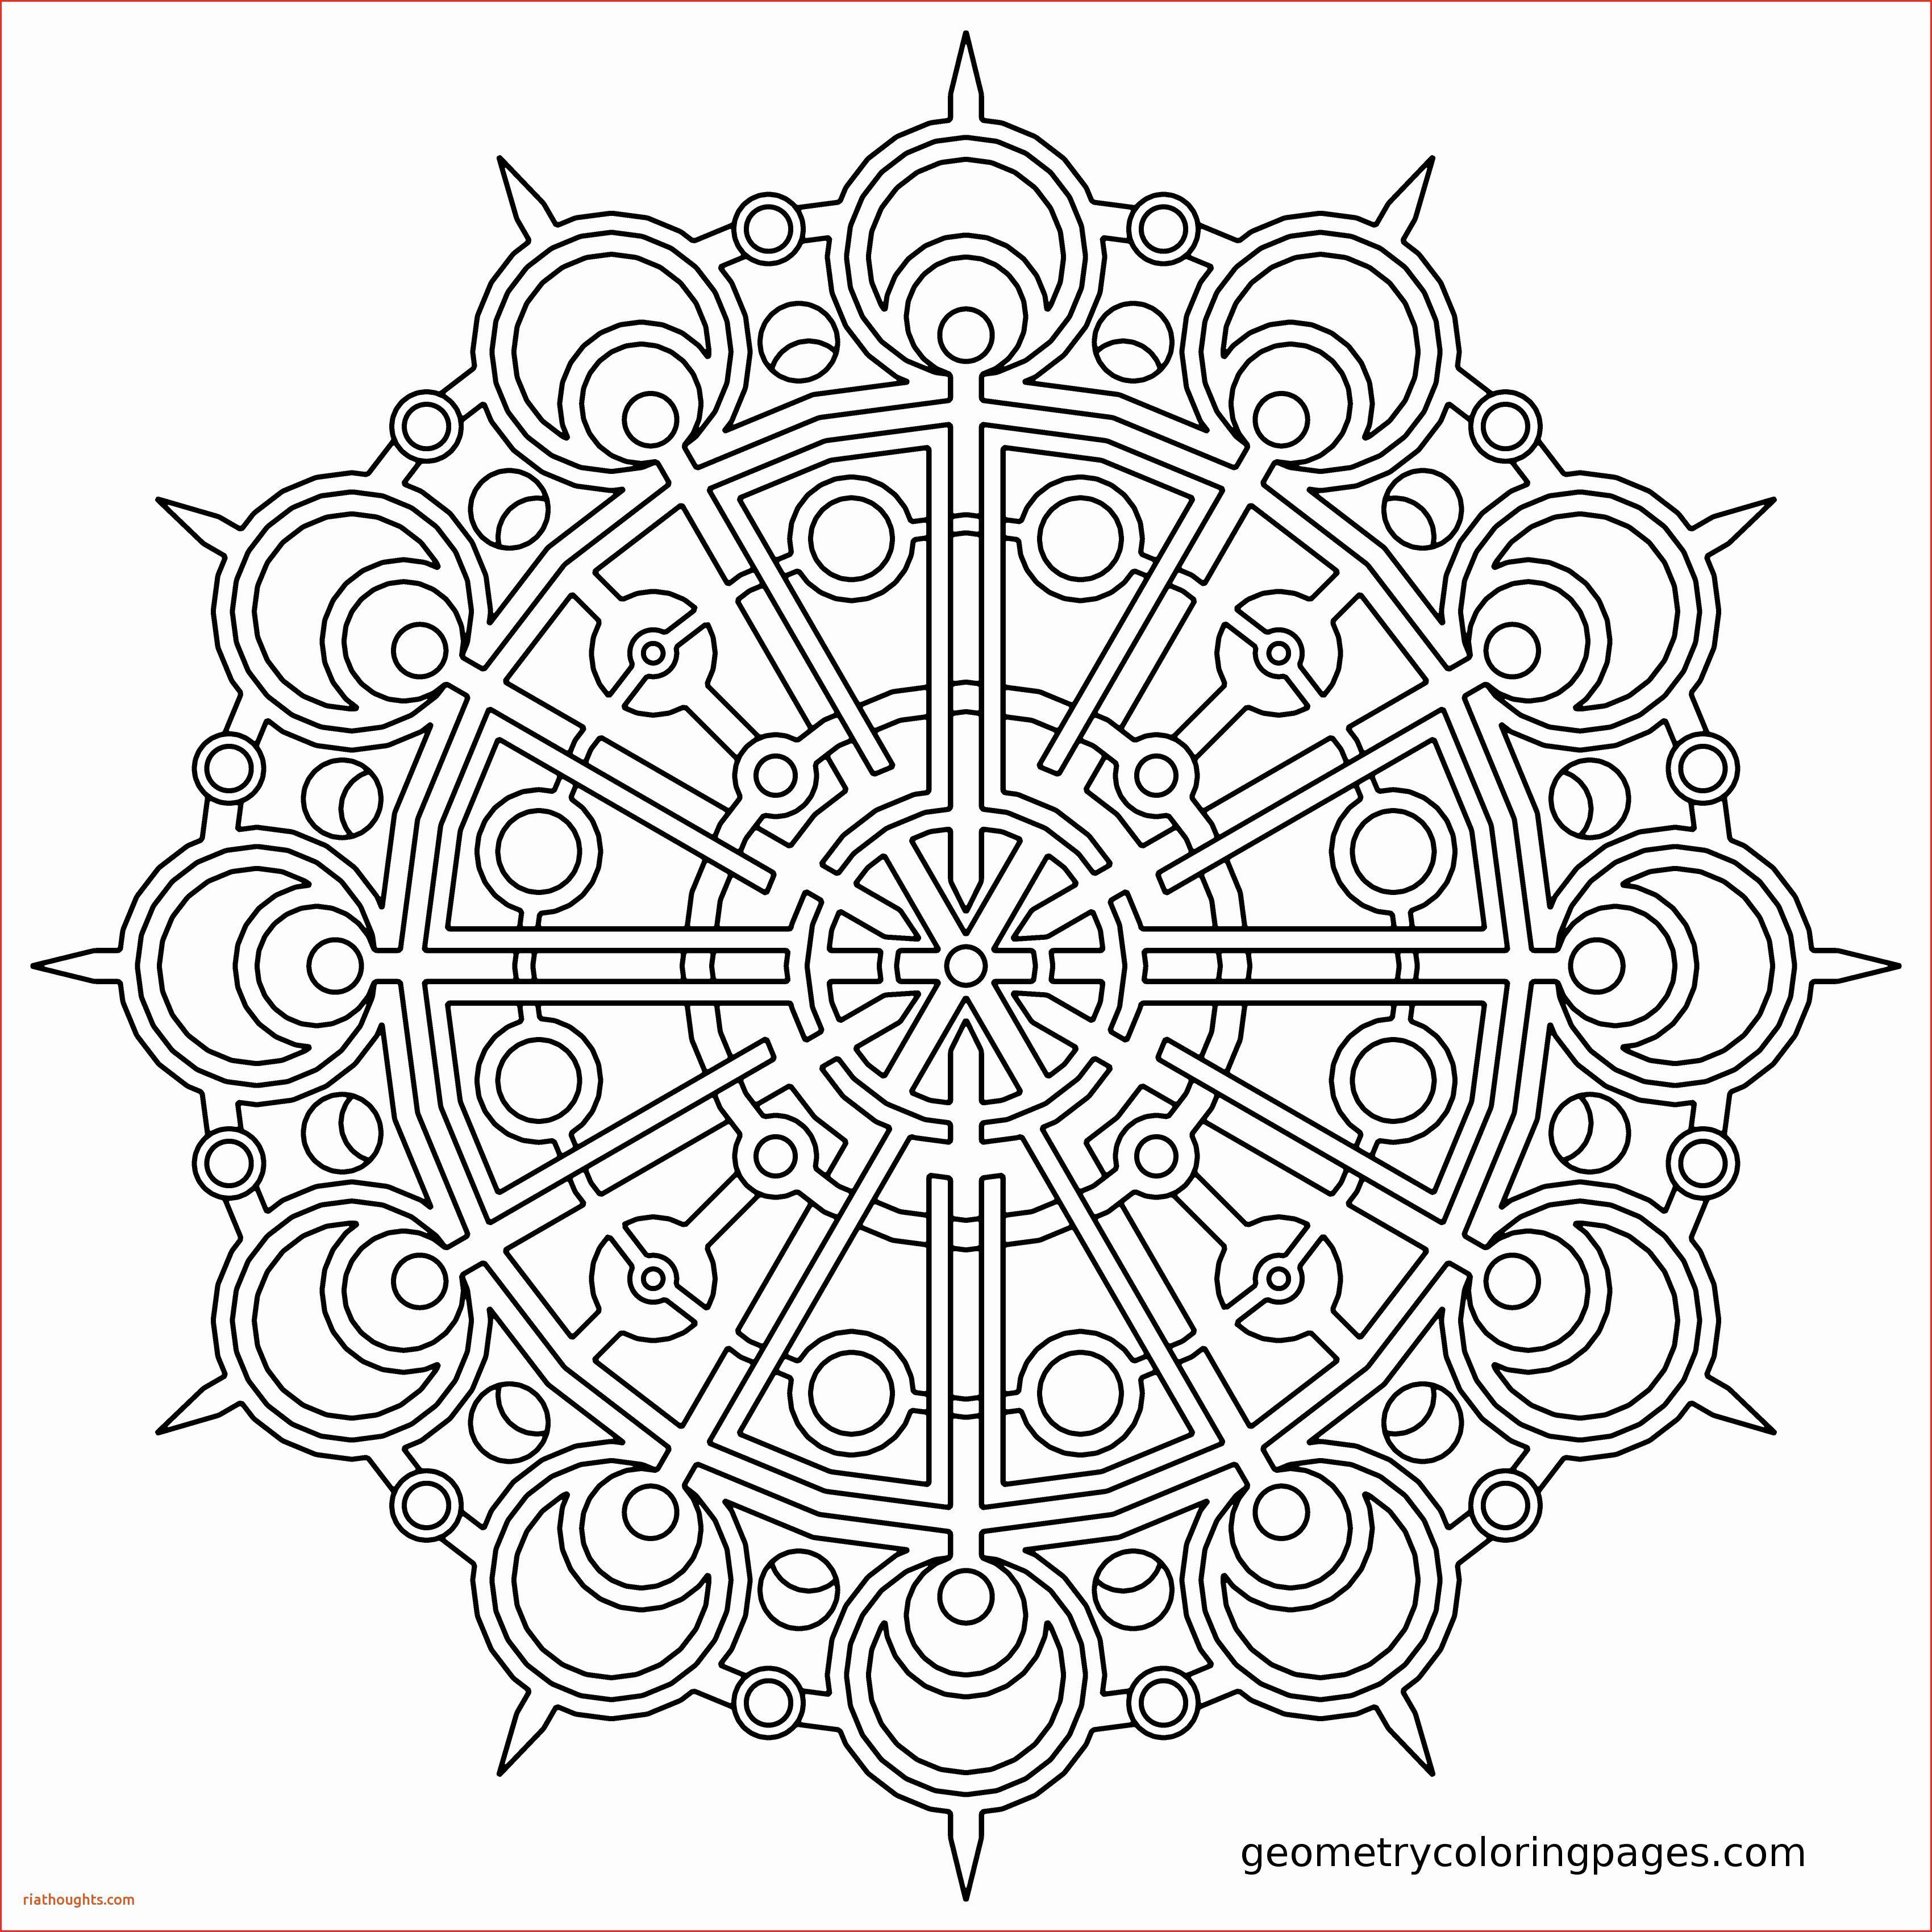 Geometric Design Coloring Book Elegant Drawing Sacred Geometry Luxury Geometric Designs Geometric Coloring Pages Pattern Coloring Pages Mandala Coloring Books